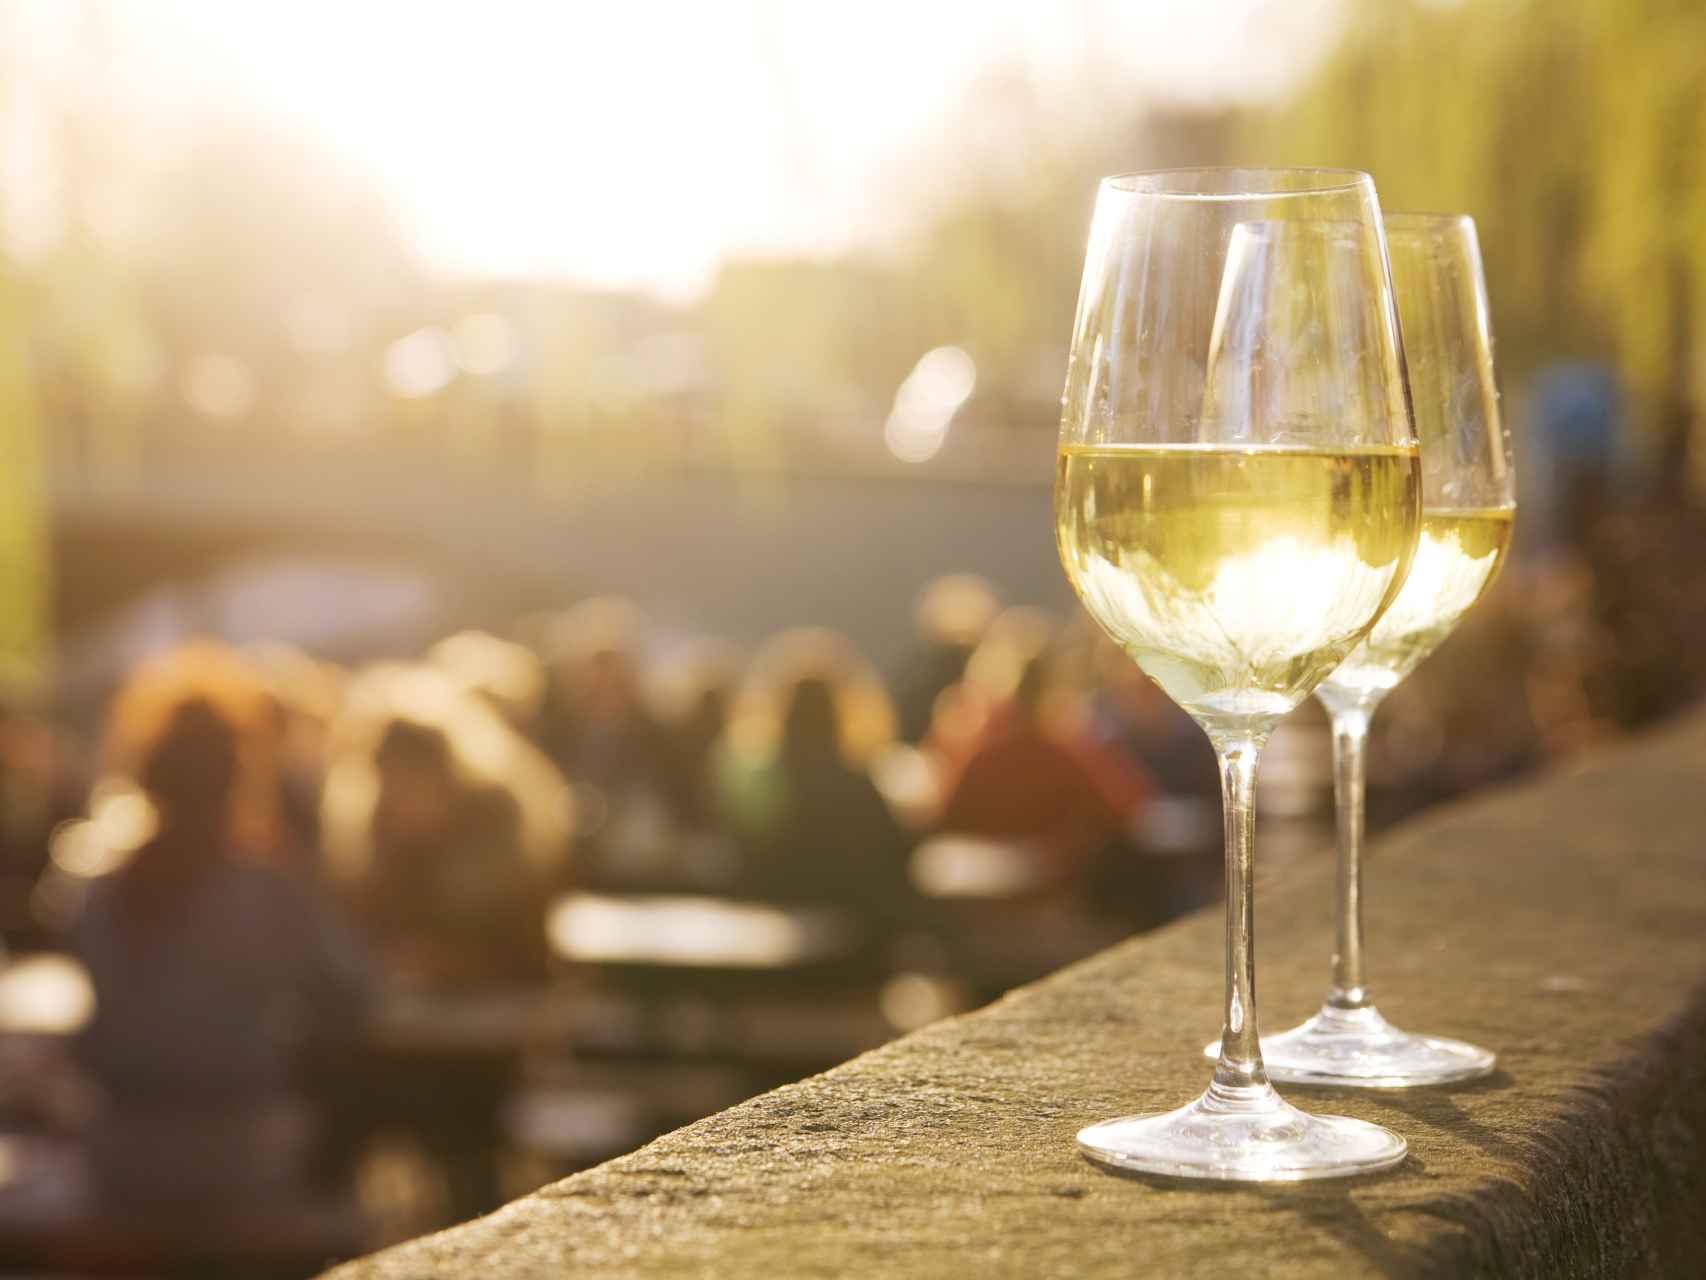 Diálogos de vino Cocinillas, todos los jueves de junio en IG Live.